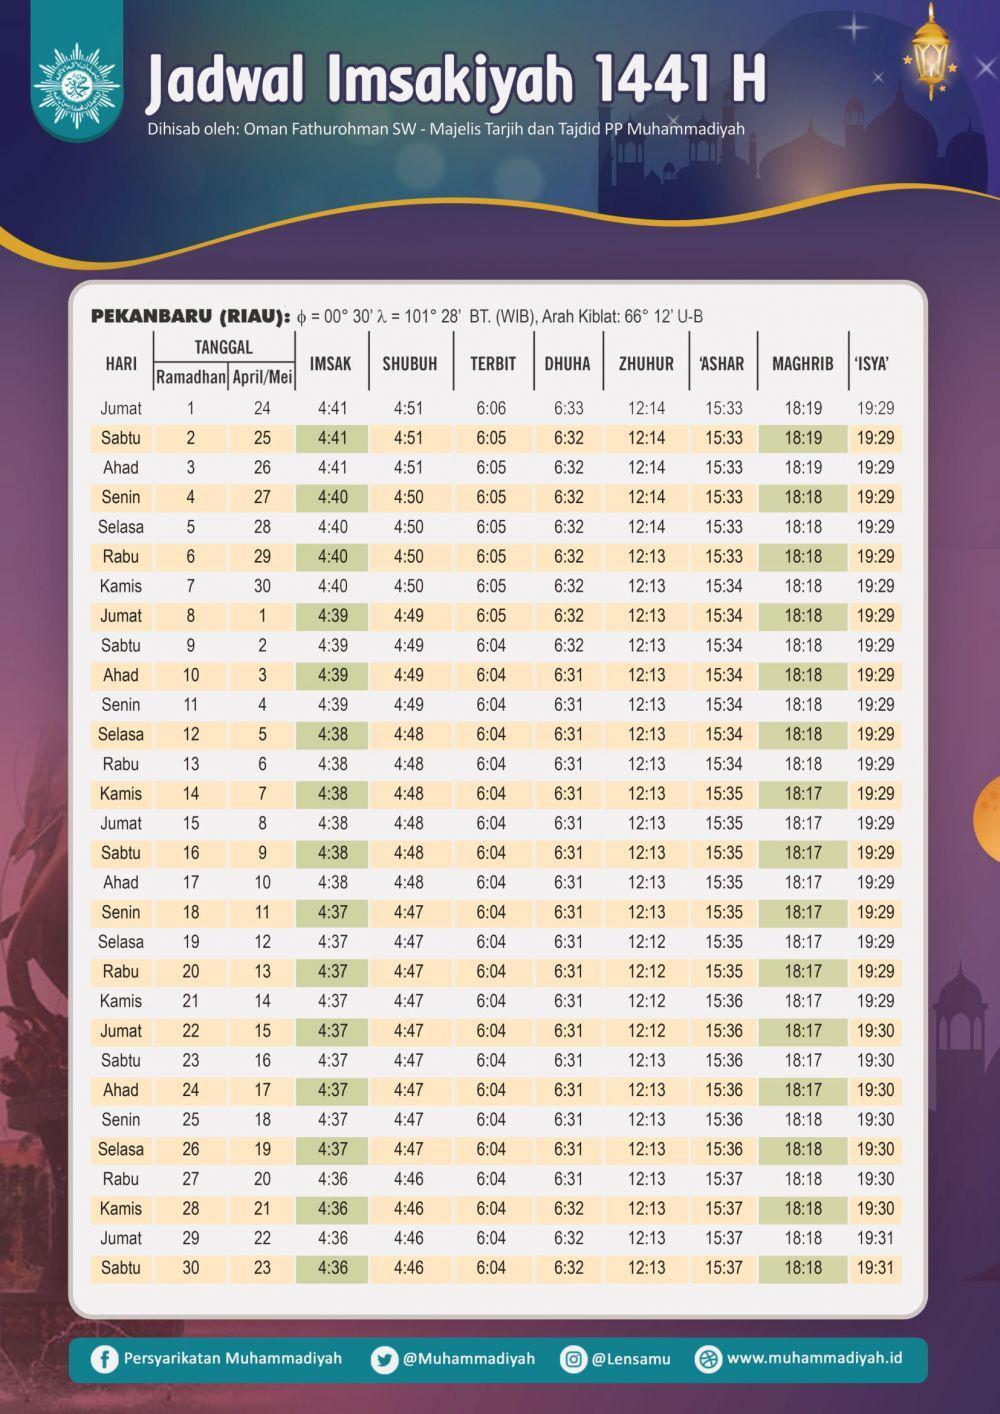 Jadwal Imsakiyah dan Buka Puasa Ramadan 1441 H/2020 M, Pekanbaru